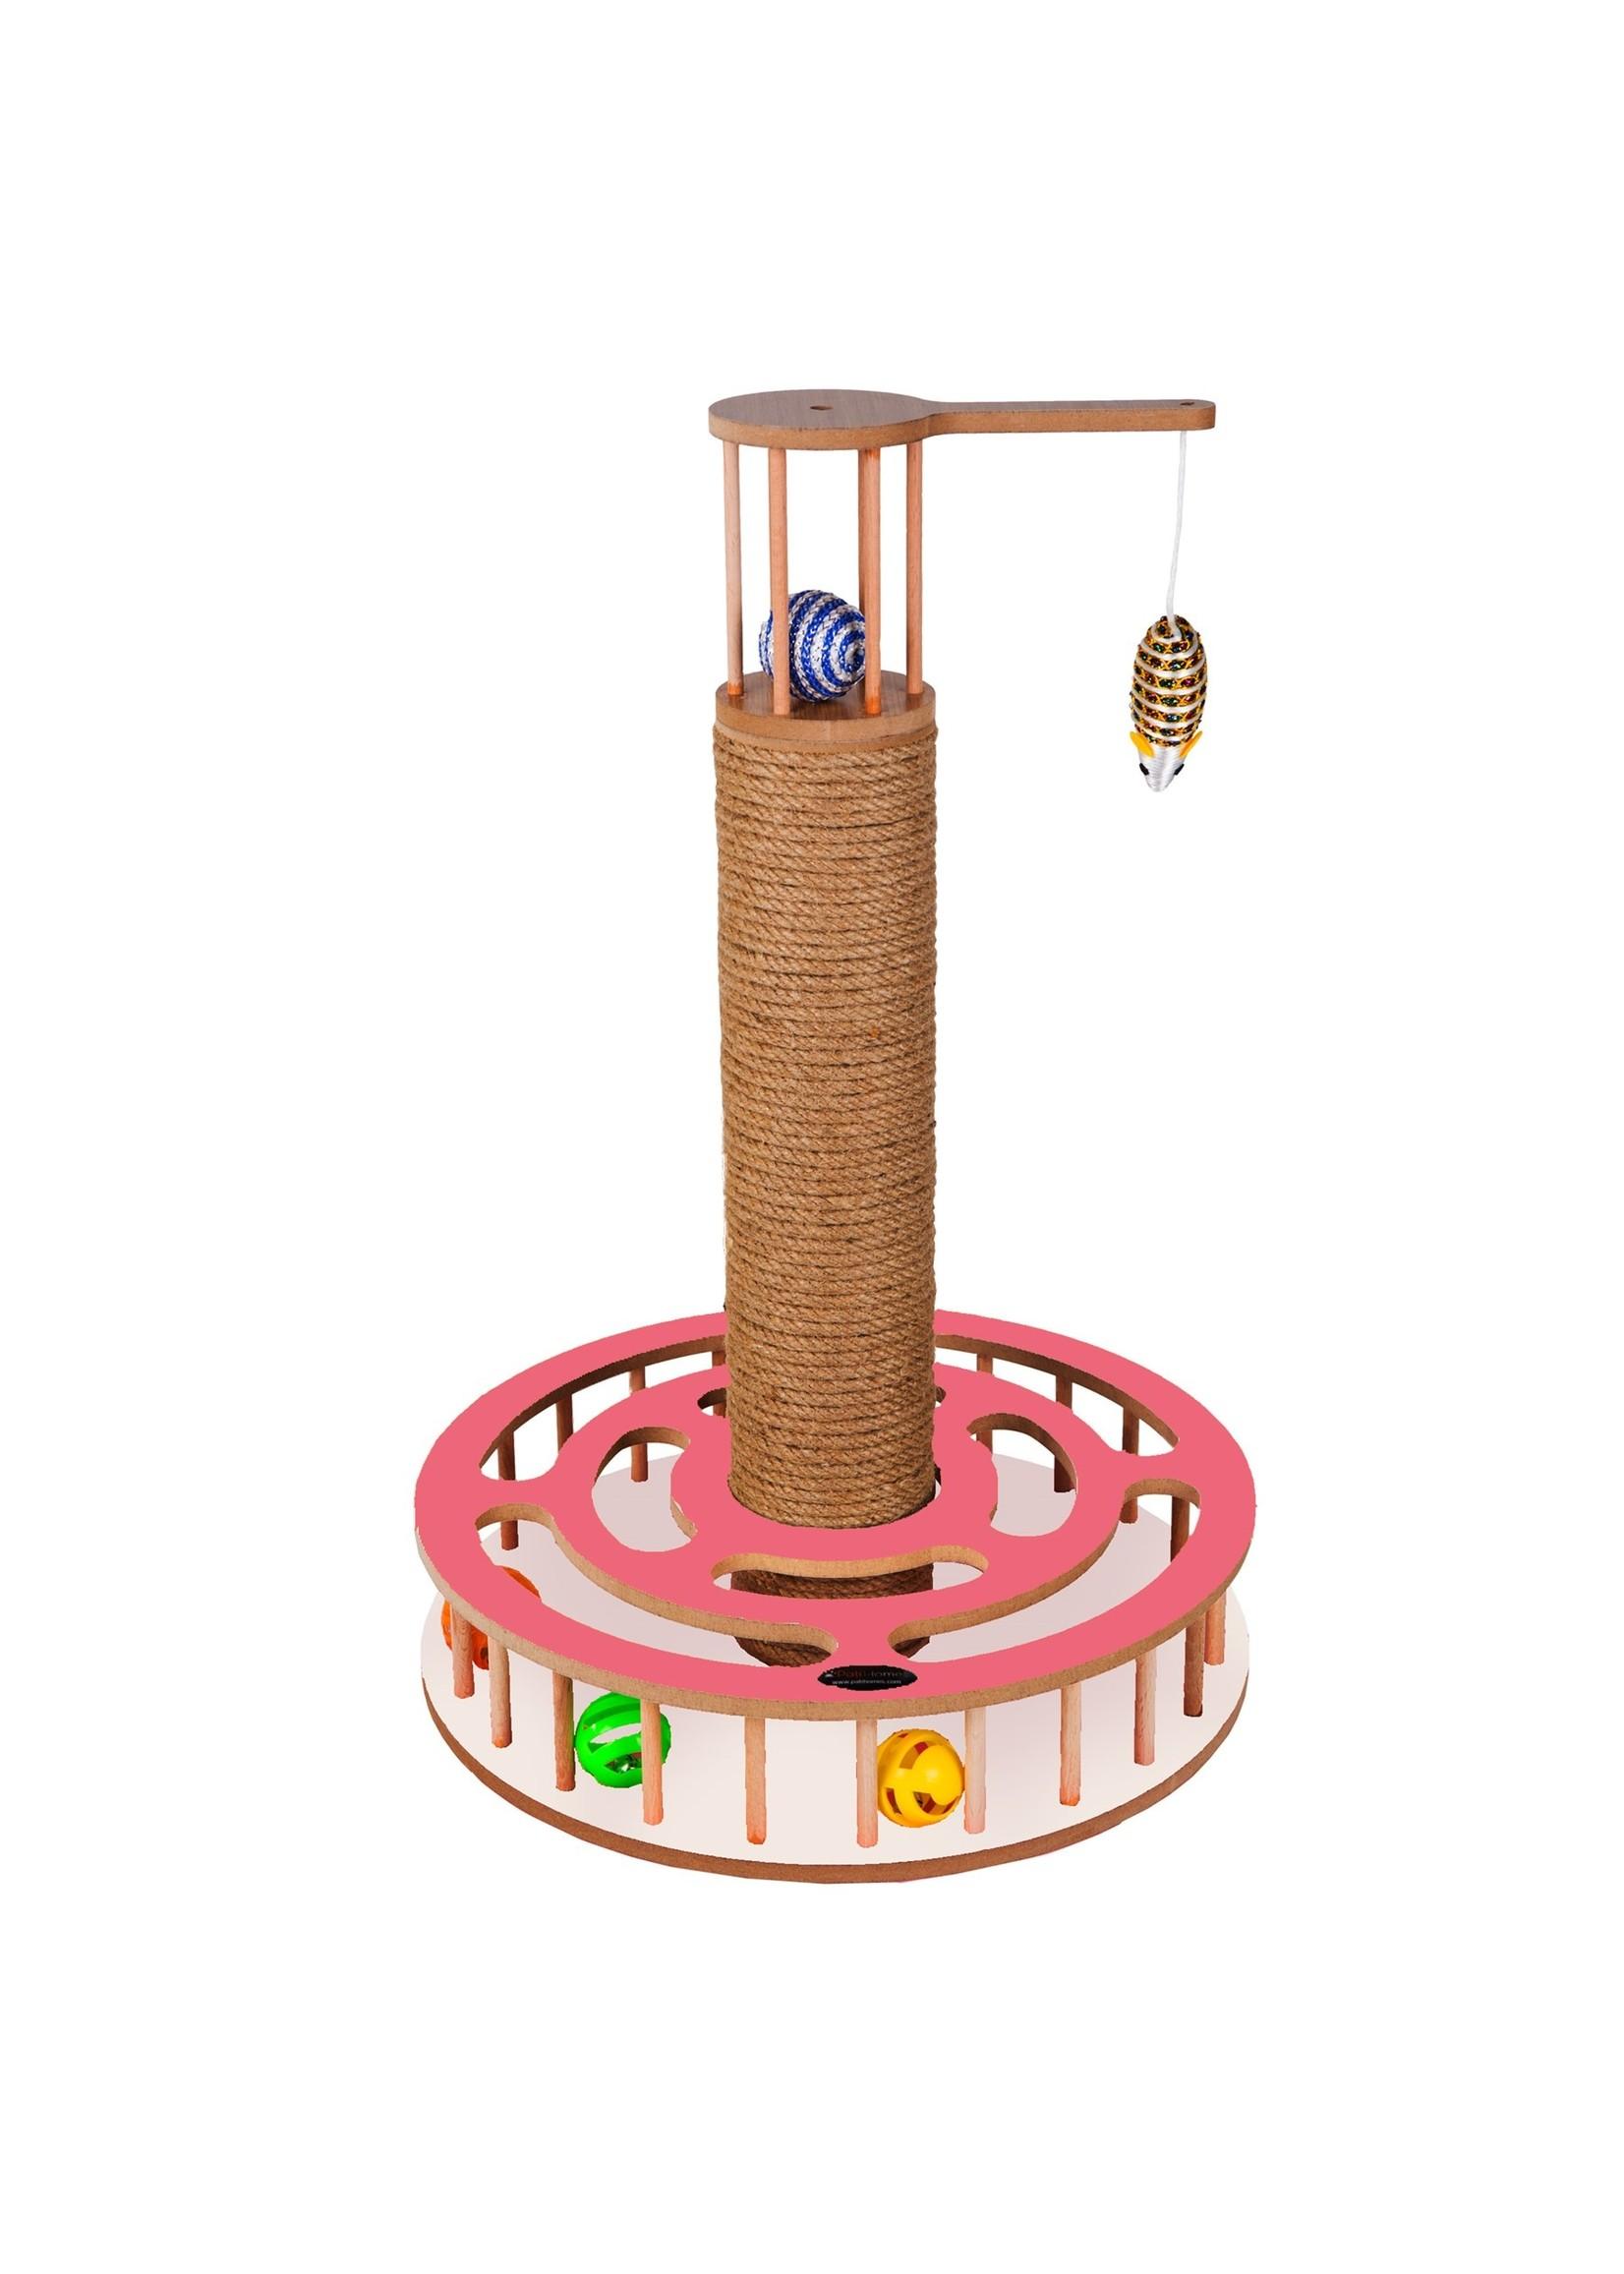 Pati Homes Katten speeltoestel rond  Roze